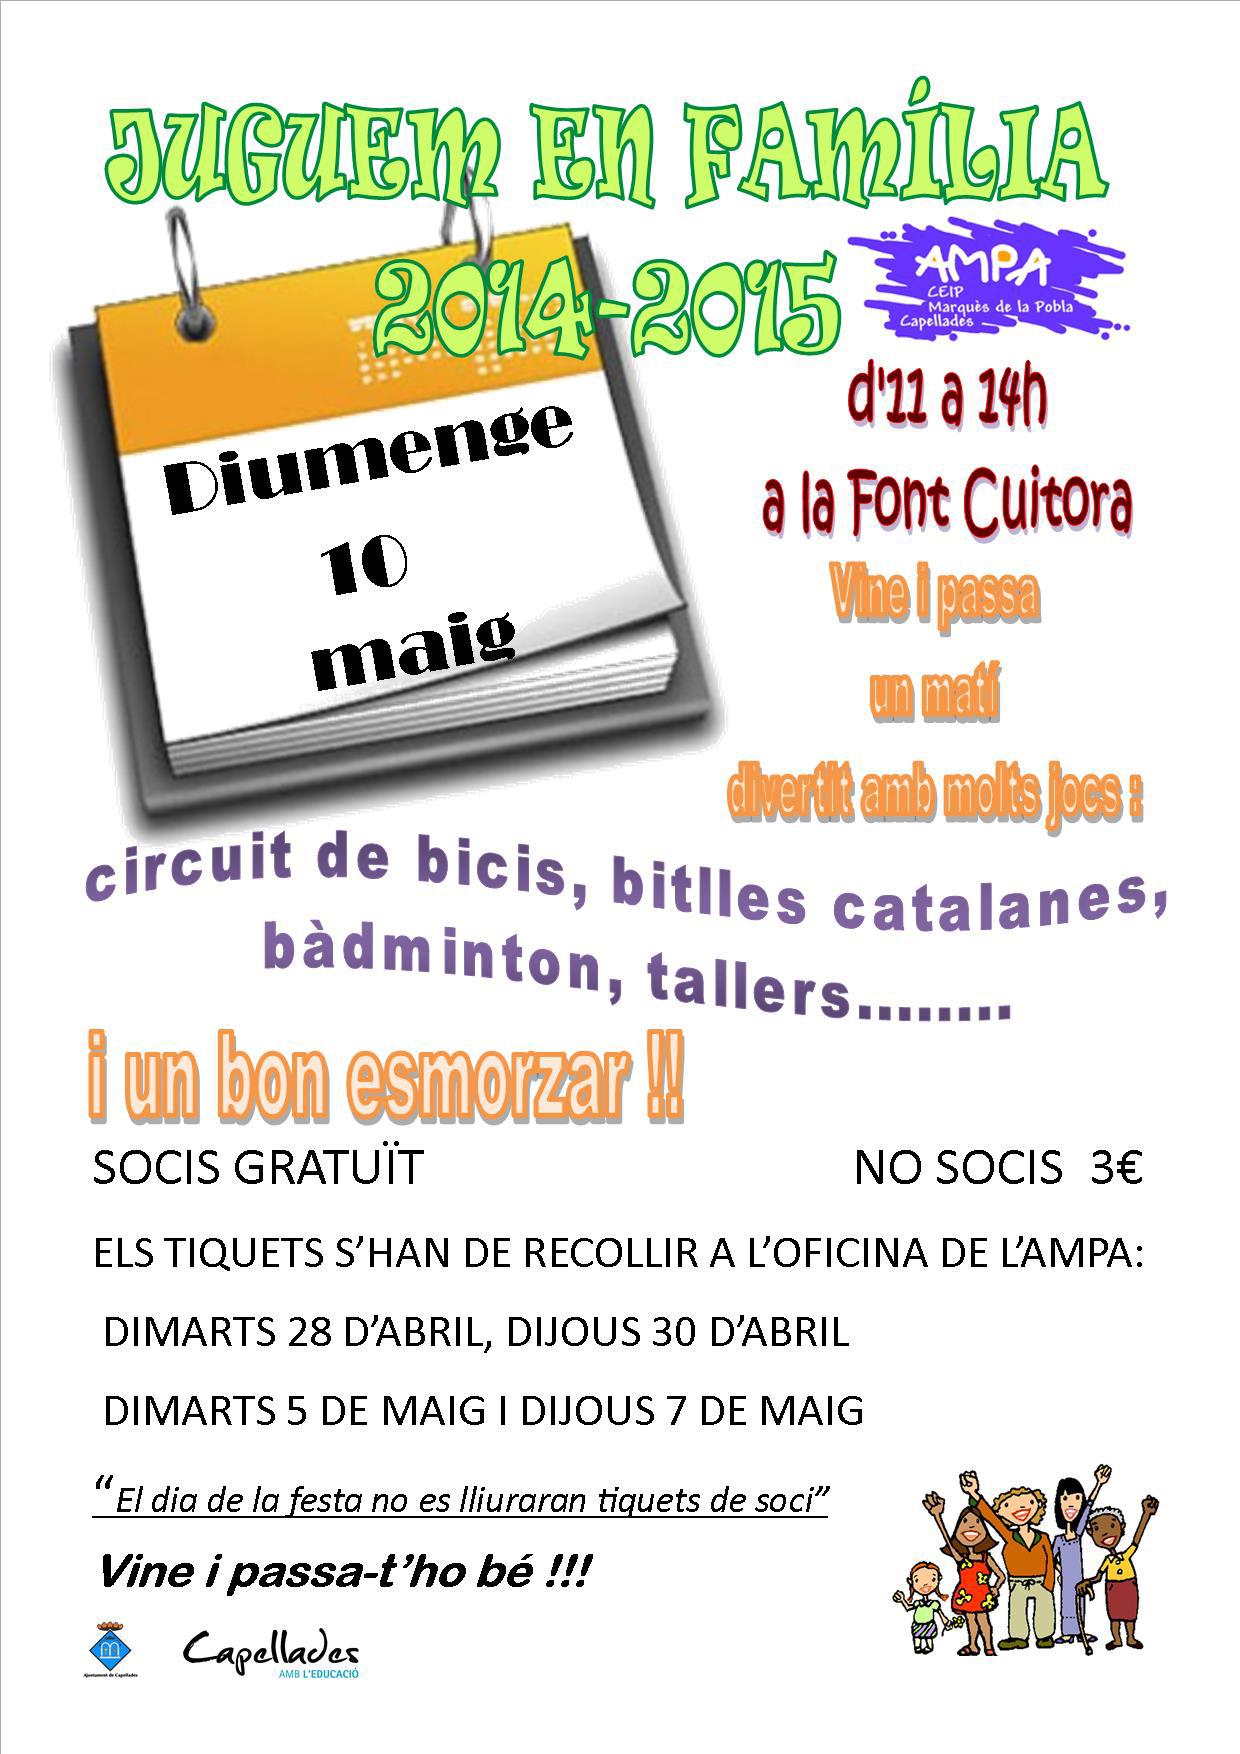 cartell_juguem_2014-15